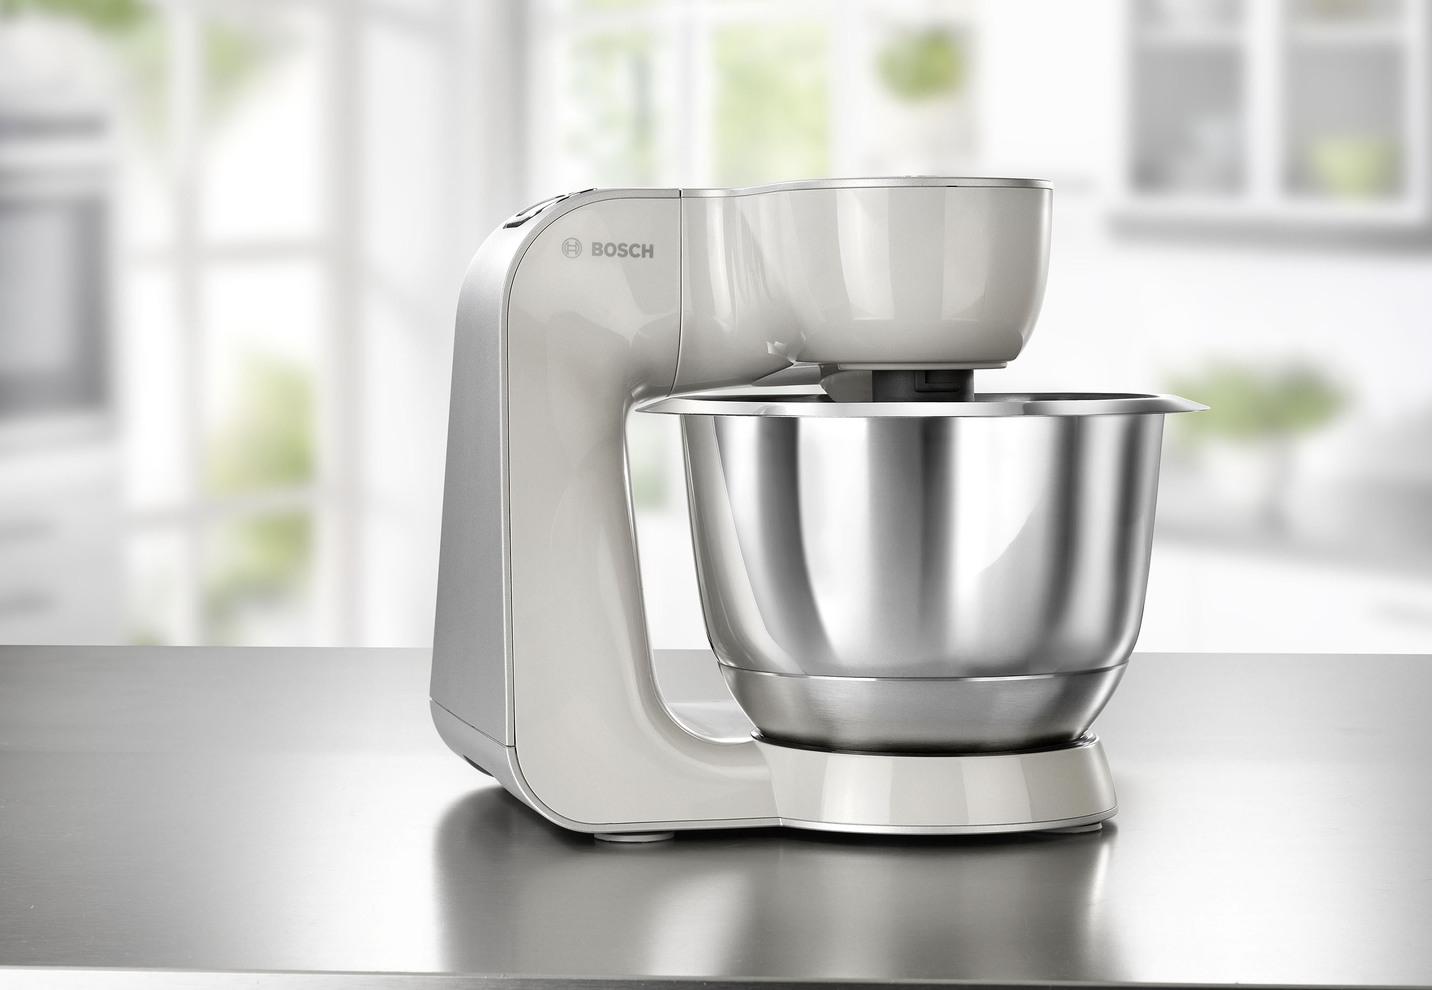 Bosch Küchenmaschine Zubehör 2021